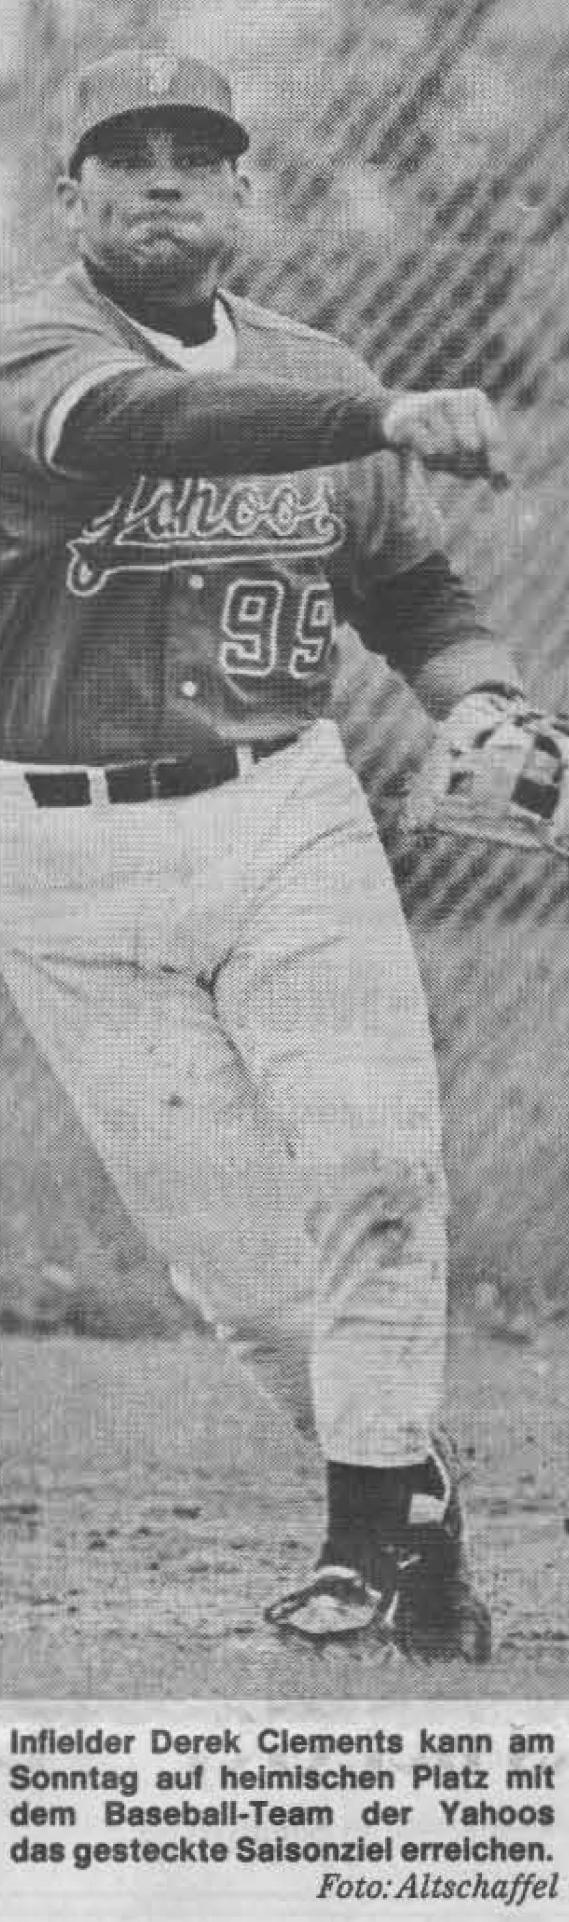 Infielder Derek Clements kam am Sonntag auf heimischen Pletz mit dem Baseball-Team der Yahoos das gesteckte Saisonziel erreichen. Foto: Altschaffel